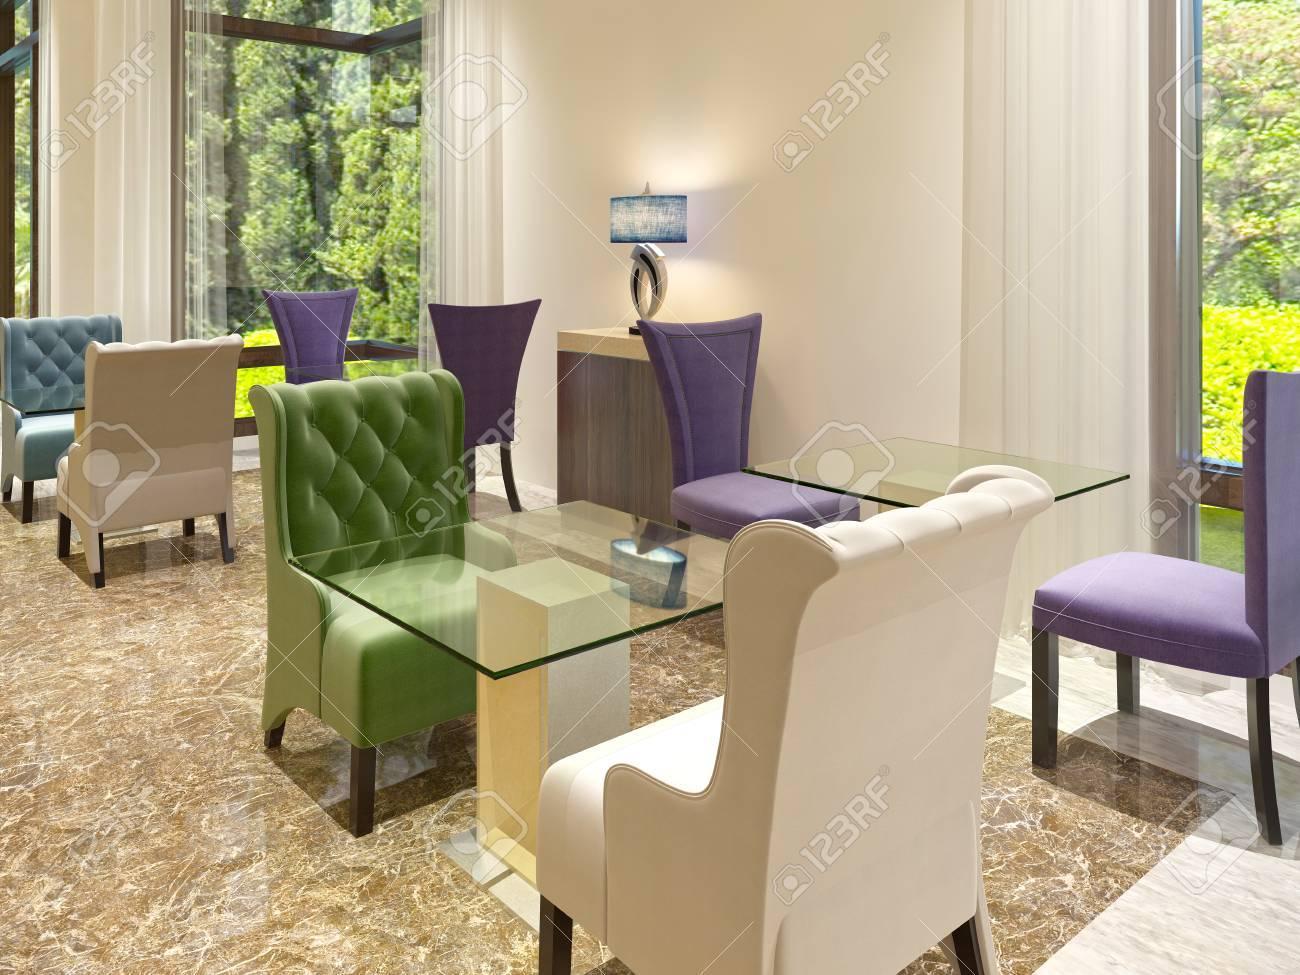 Das Moderne Design Der Cocktail Bar Im Hotel Mit Großen Fenstern. Farbige  Stühle Mit